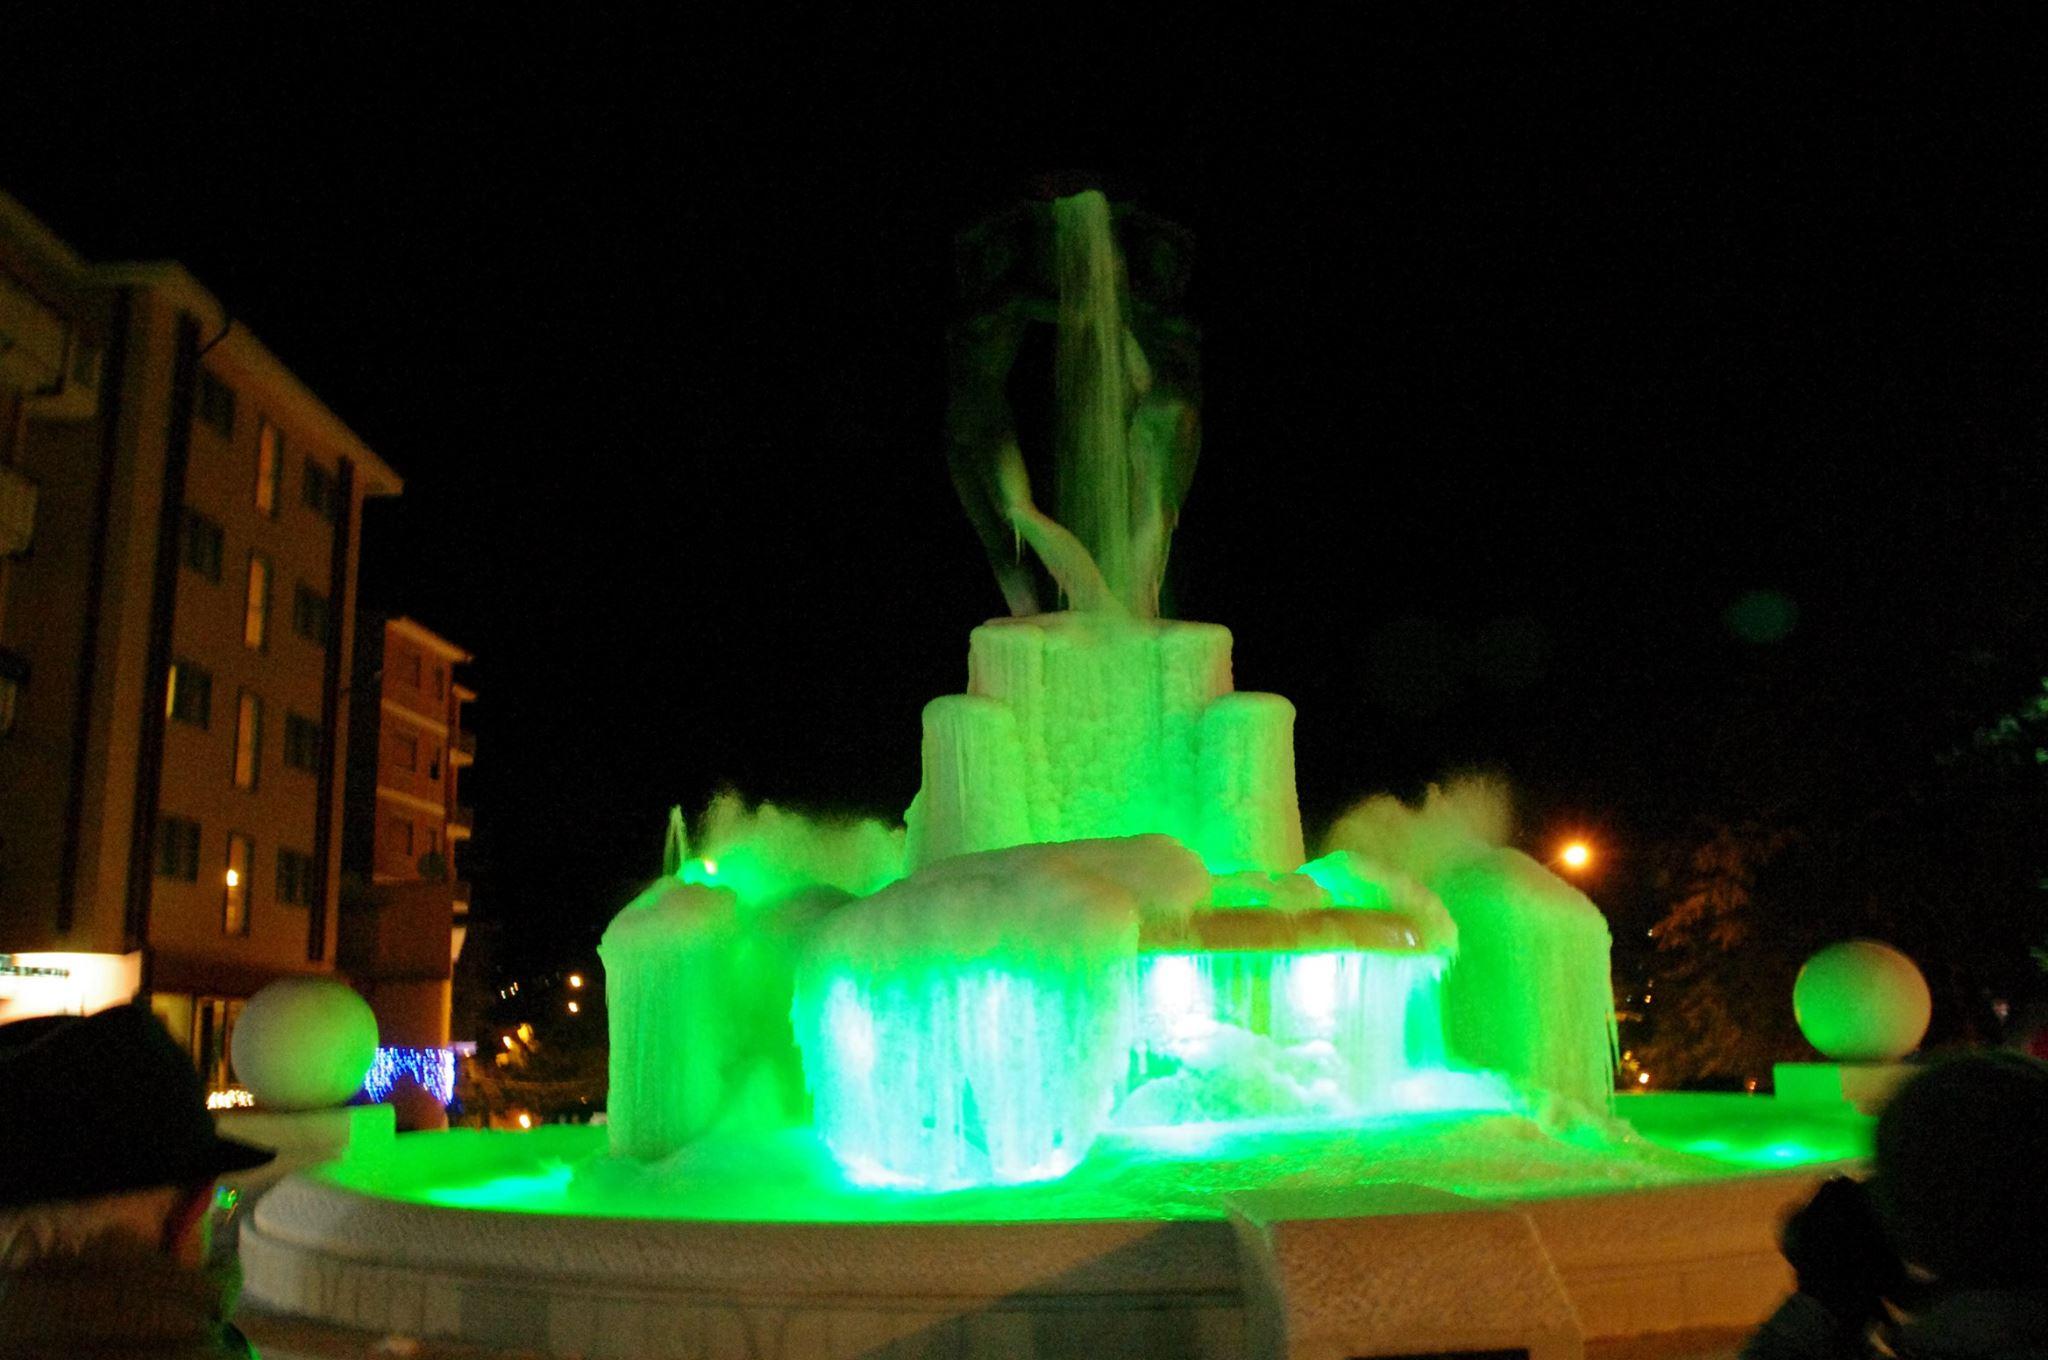 L'Aquila, la Fontana luminosa ghiacciata diventa virale sui social